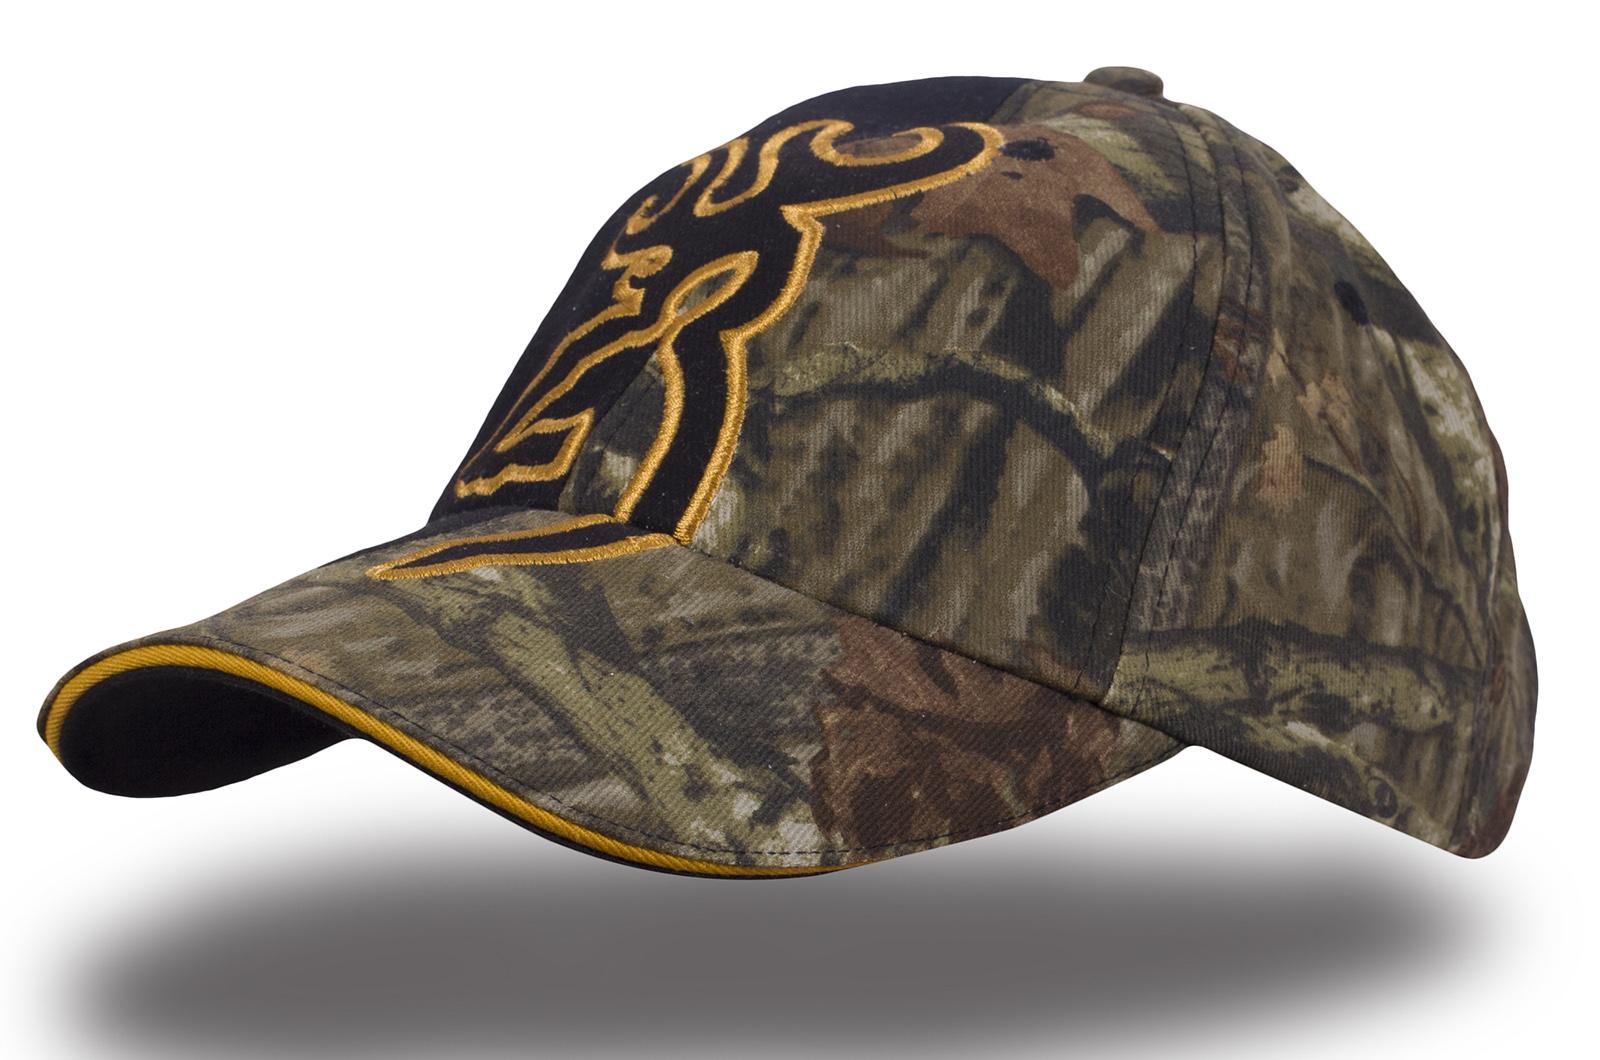 Кепка охотничья Mossy Oak - купить в интернет-магазине с доставкой